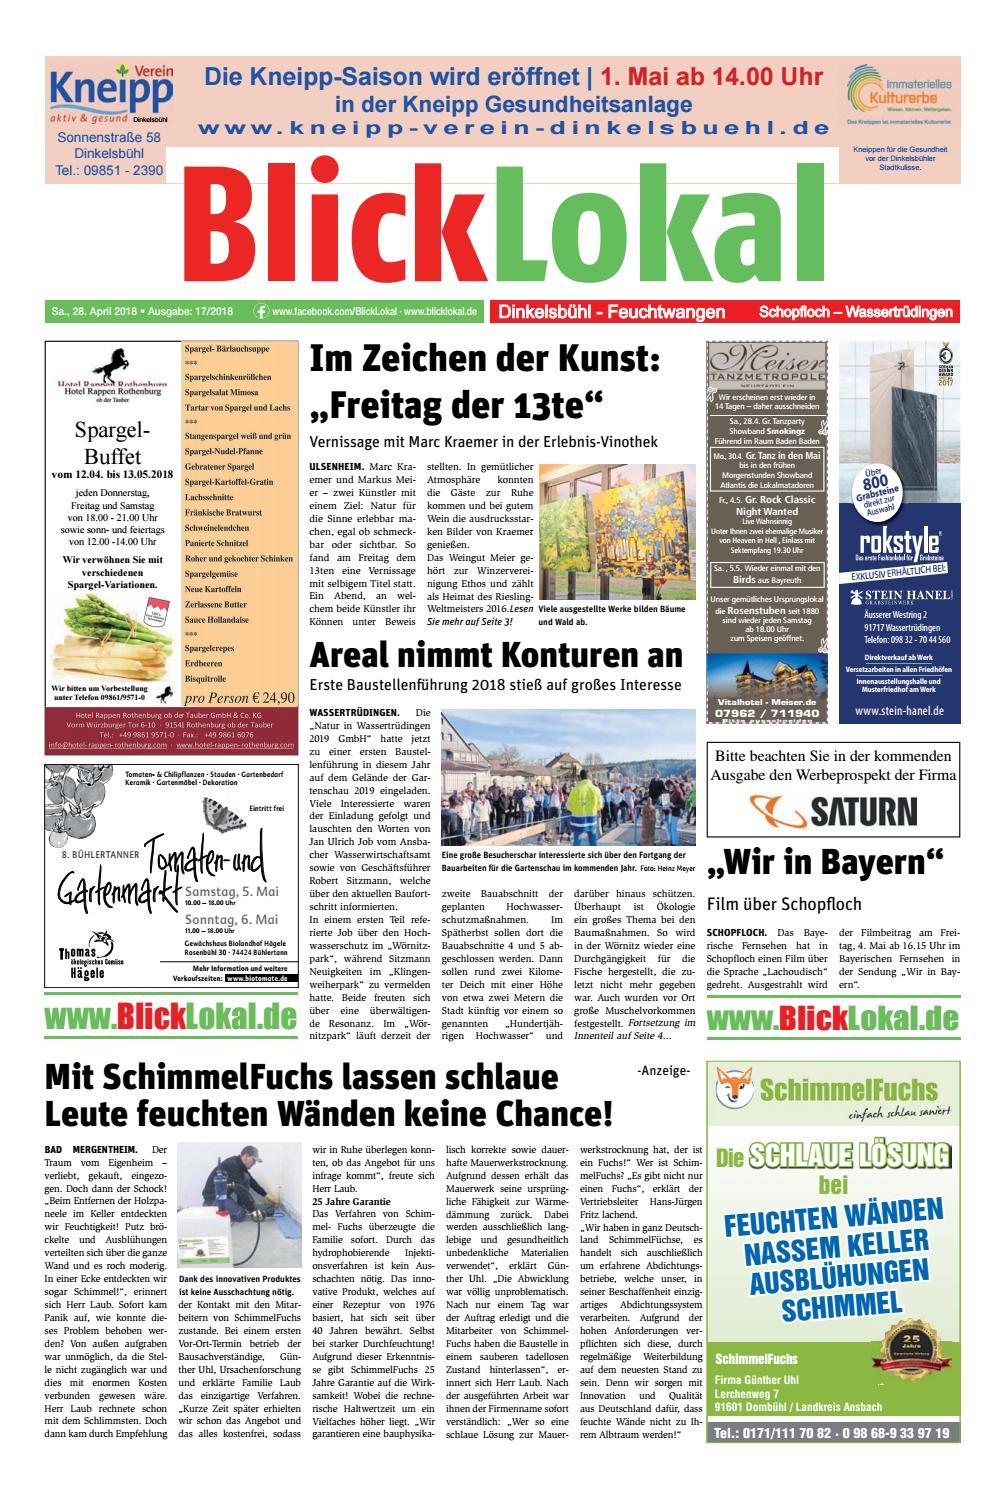 Sie sucht Ihn (Erotik) in Ansbach - 5 Anzeigen